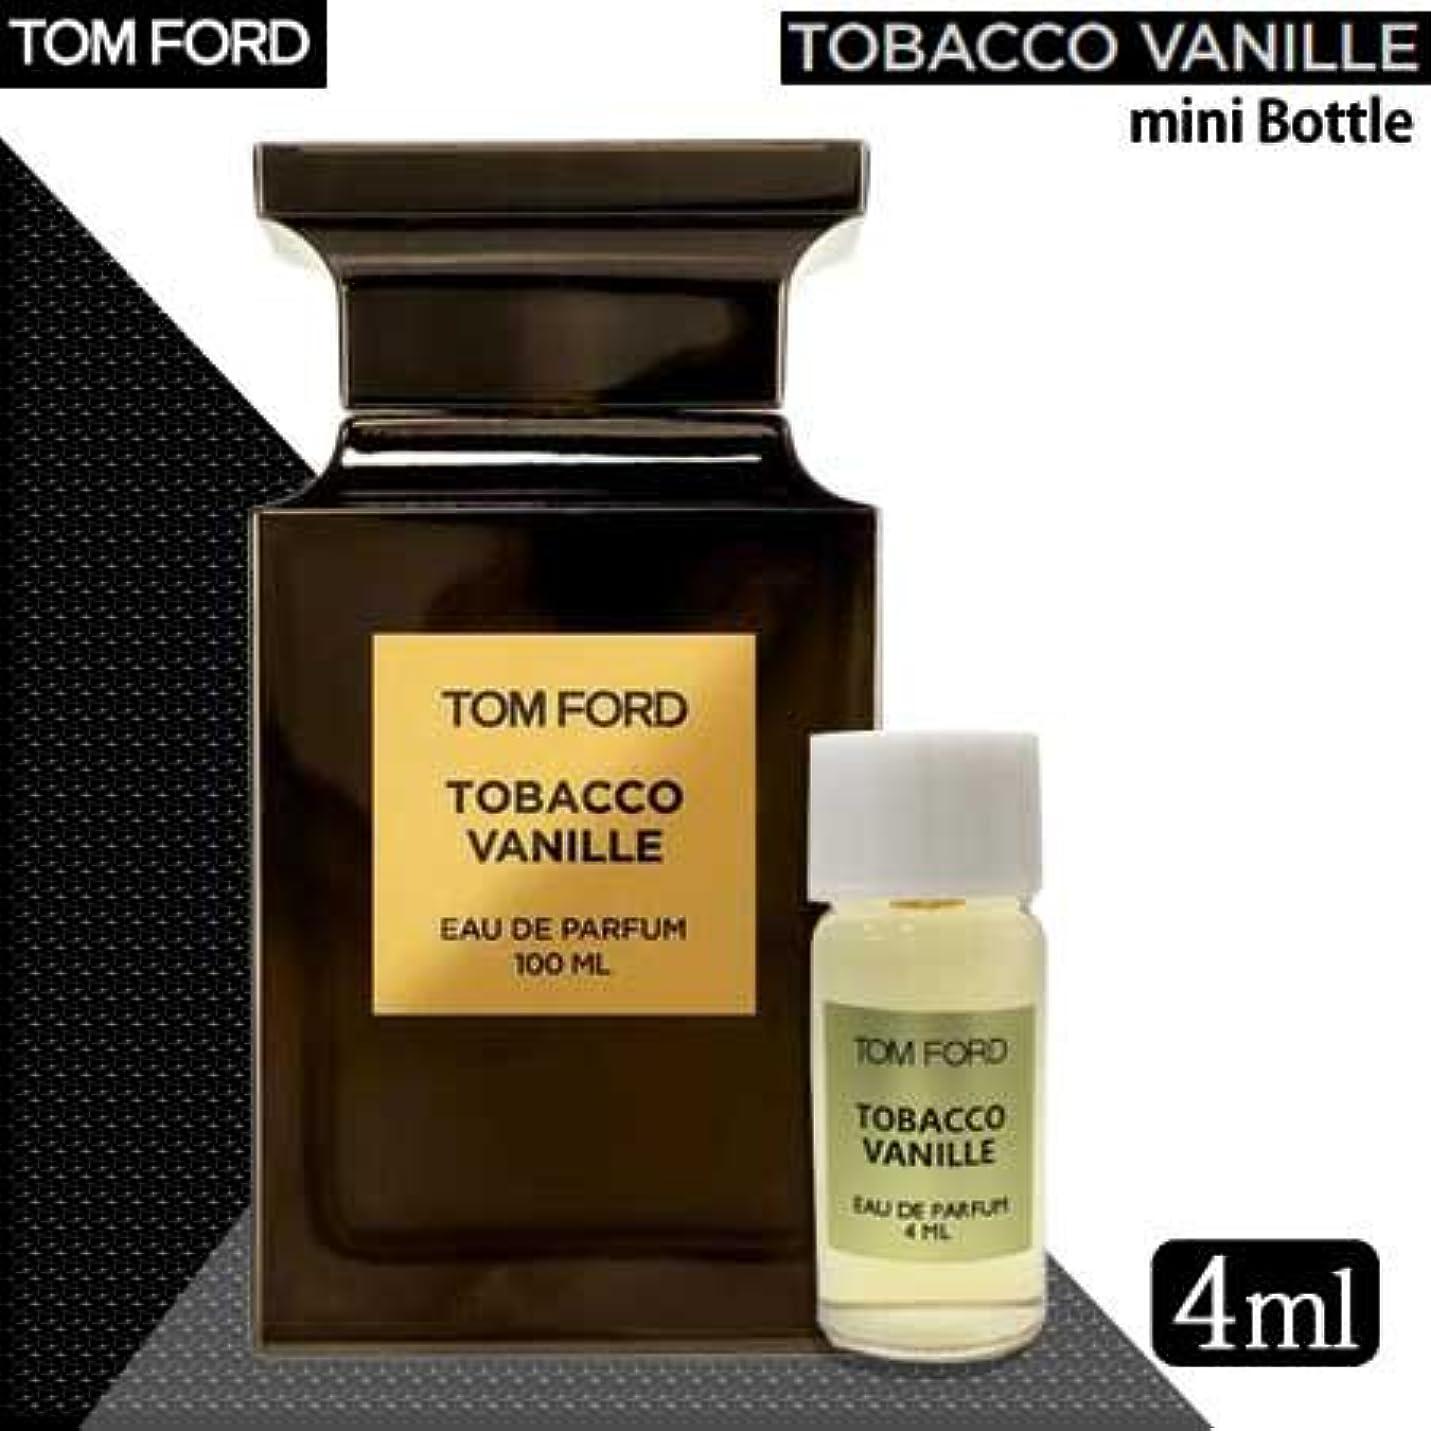 先例帽子ブルジョントムフォード TOM FORD タバコ バニラ オードパルファム EDP 4ml 【並行輸入品】